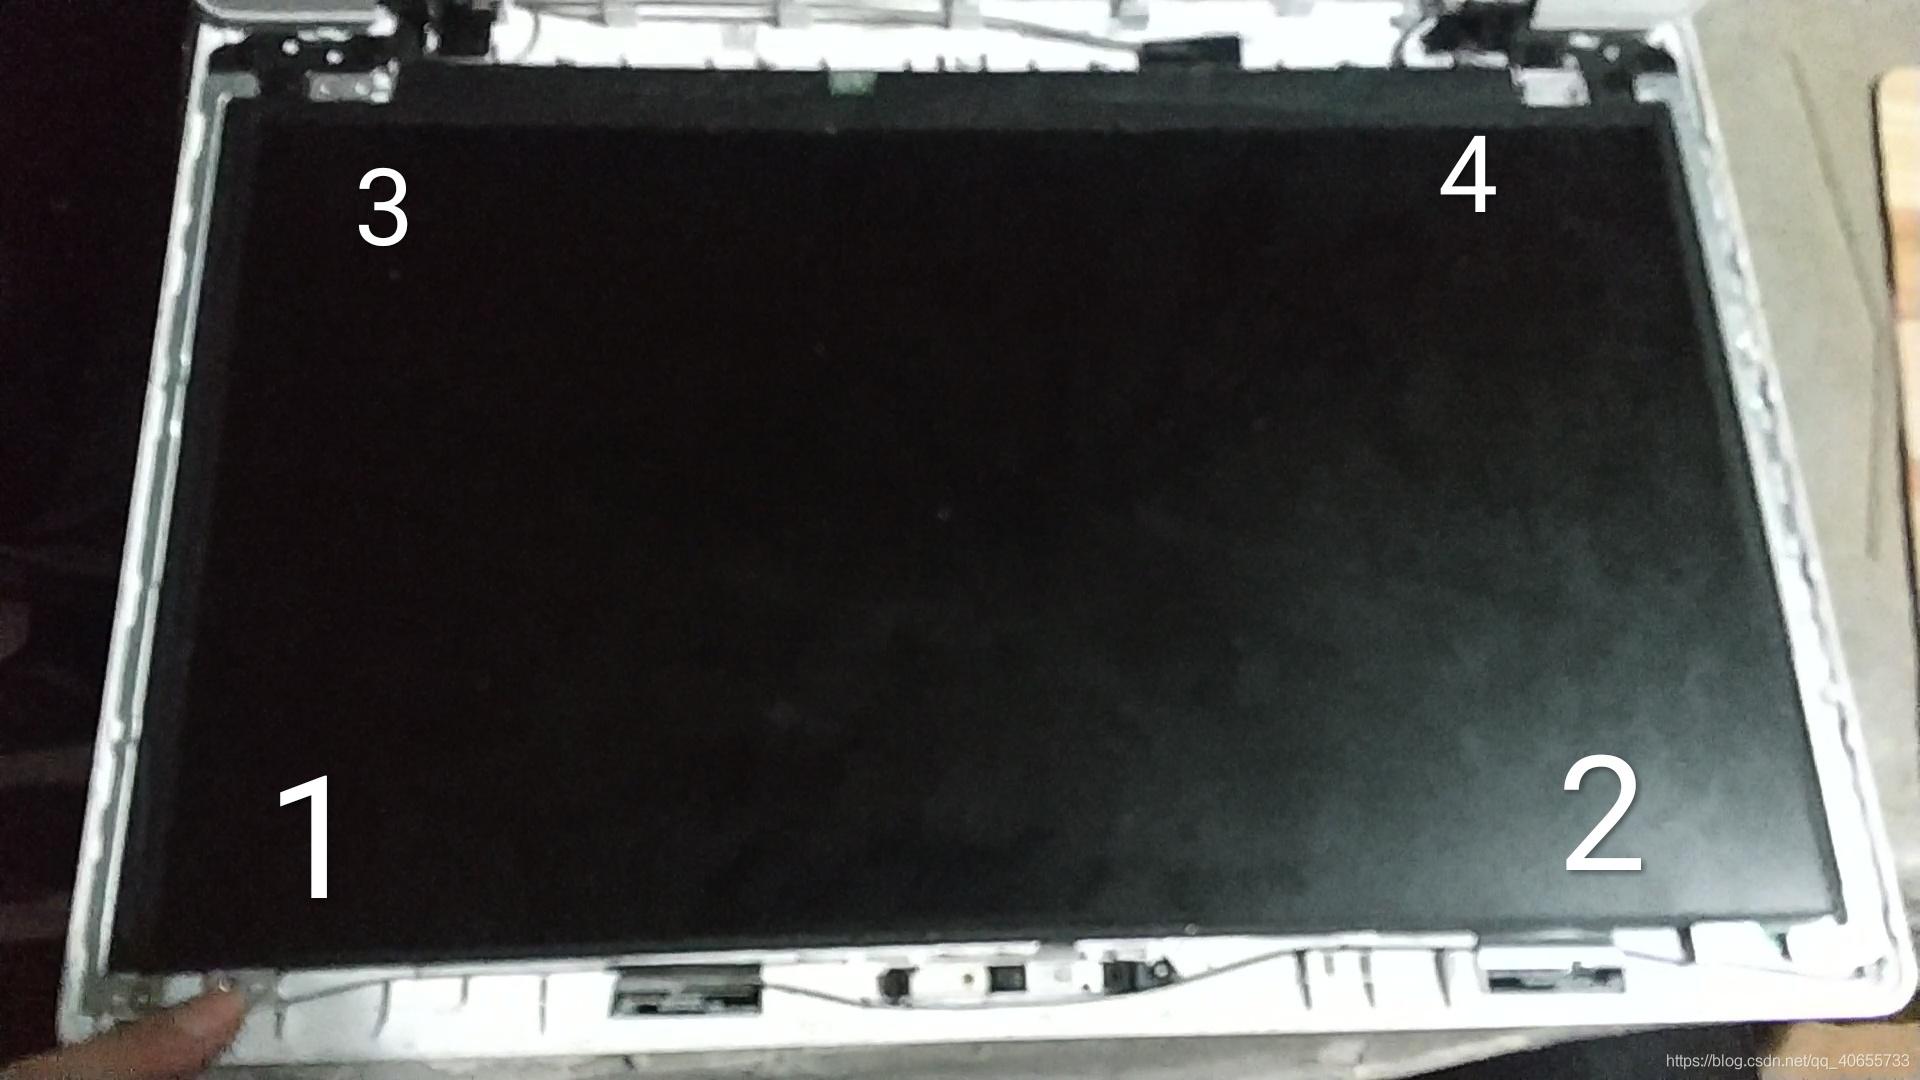 拆完可以将屏幕取起,屏幕底部有线,轻放。